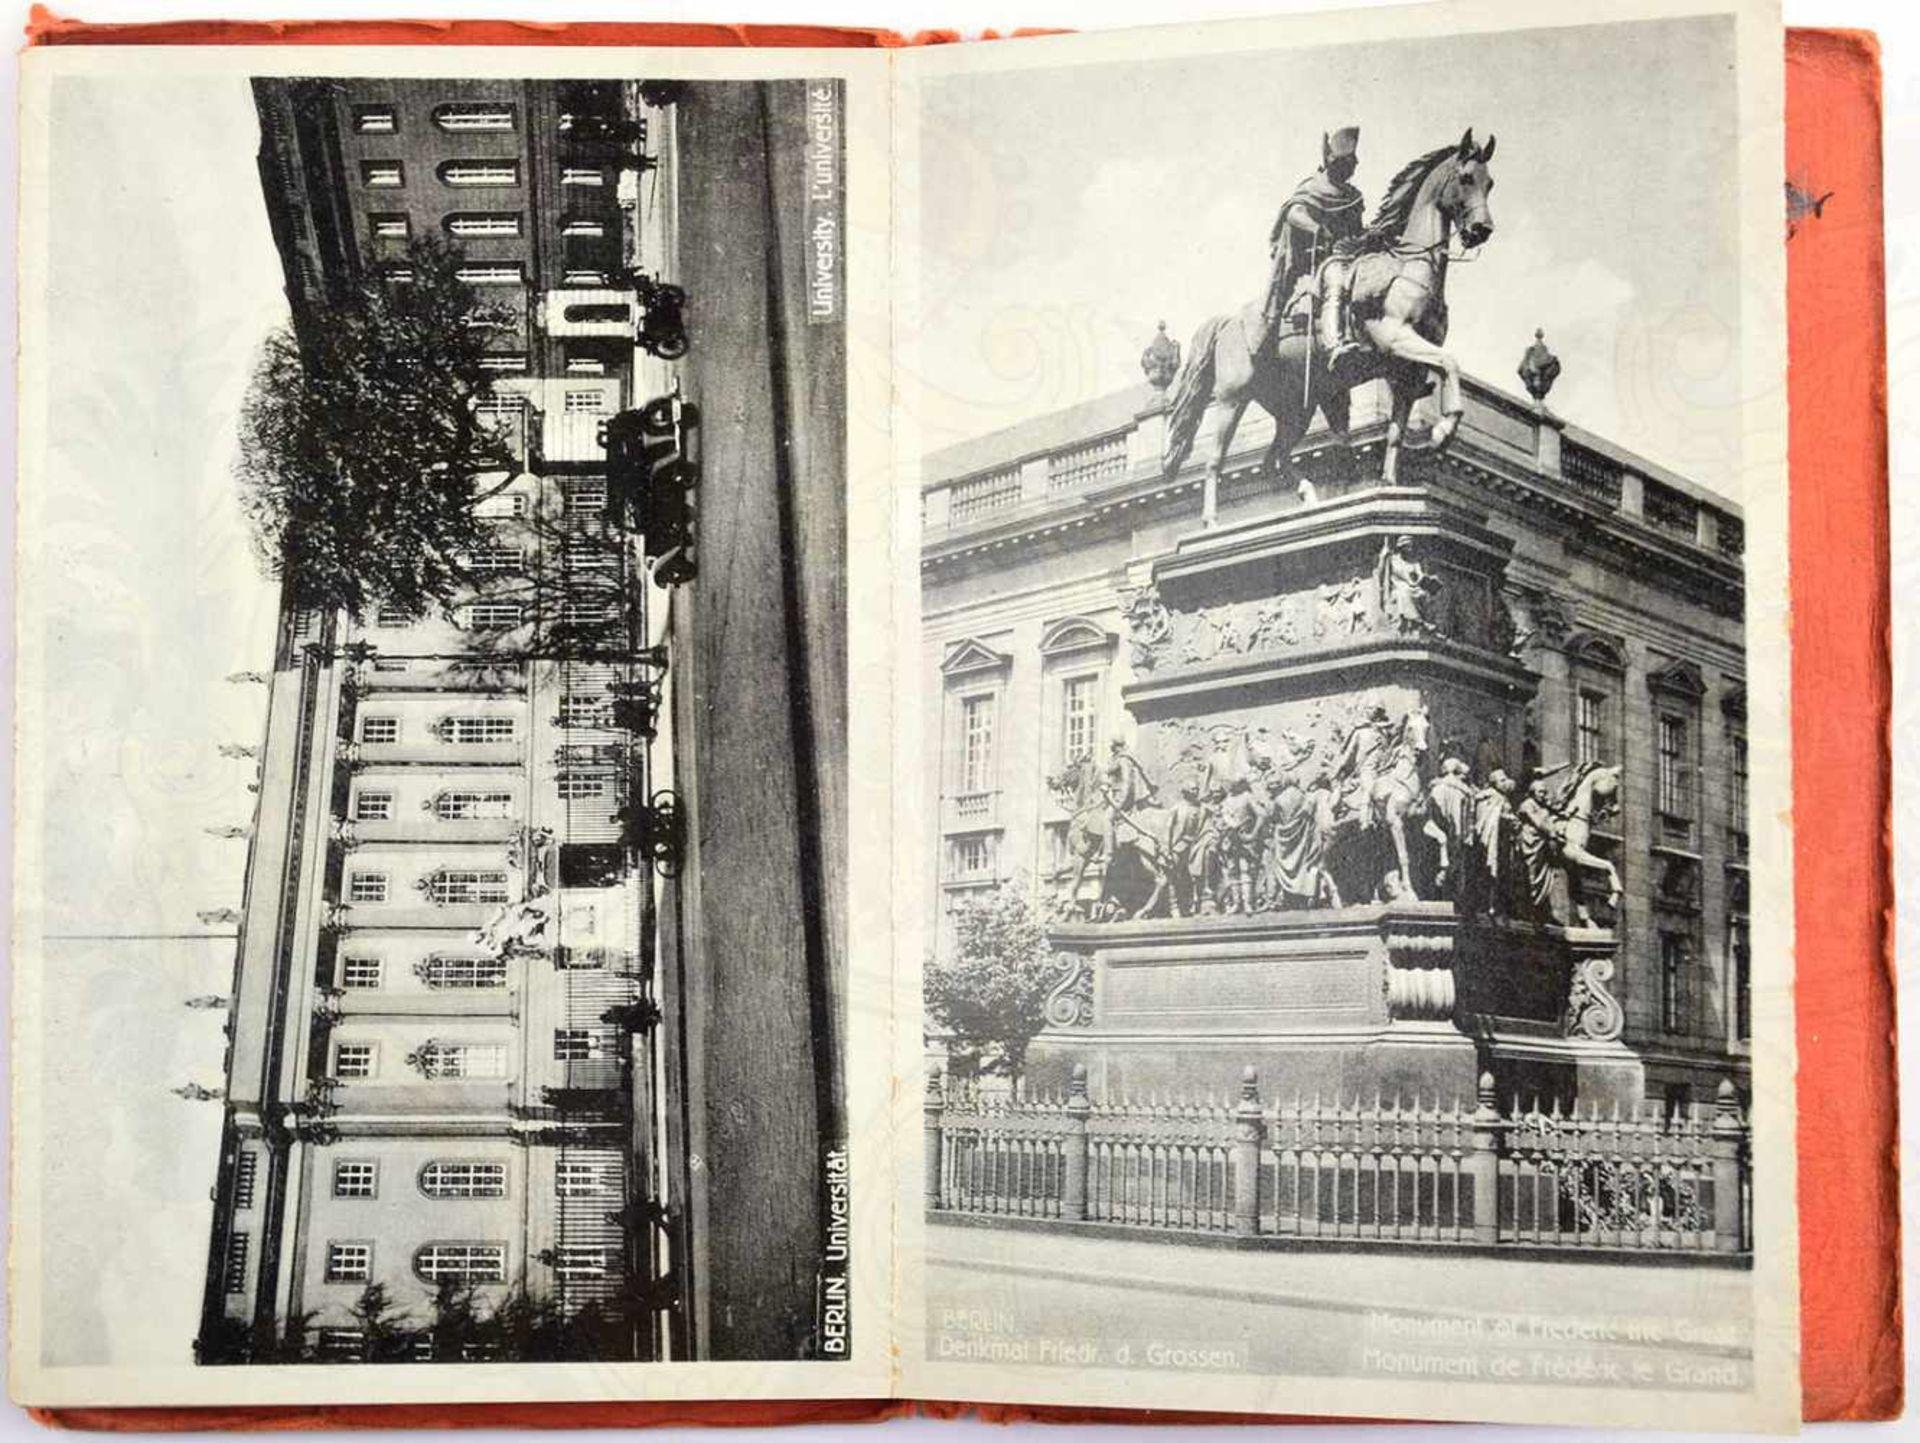 LEPORELLO BERLIN, 16 Lichtdruck-AK, um 1930, Reichskanzlei, Reichswehr vor dem Ehrenmal, - Bild 2 aus 2